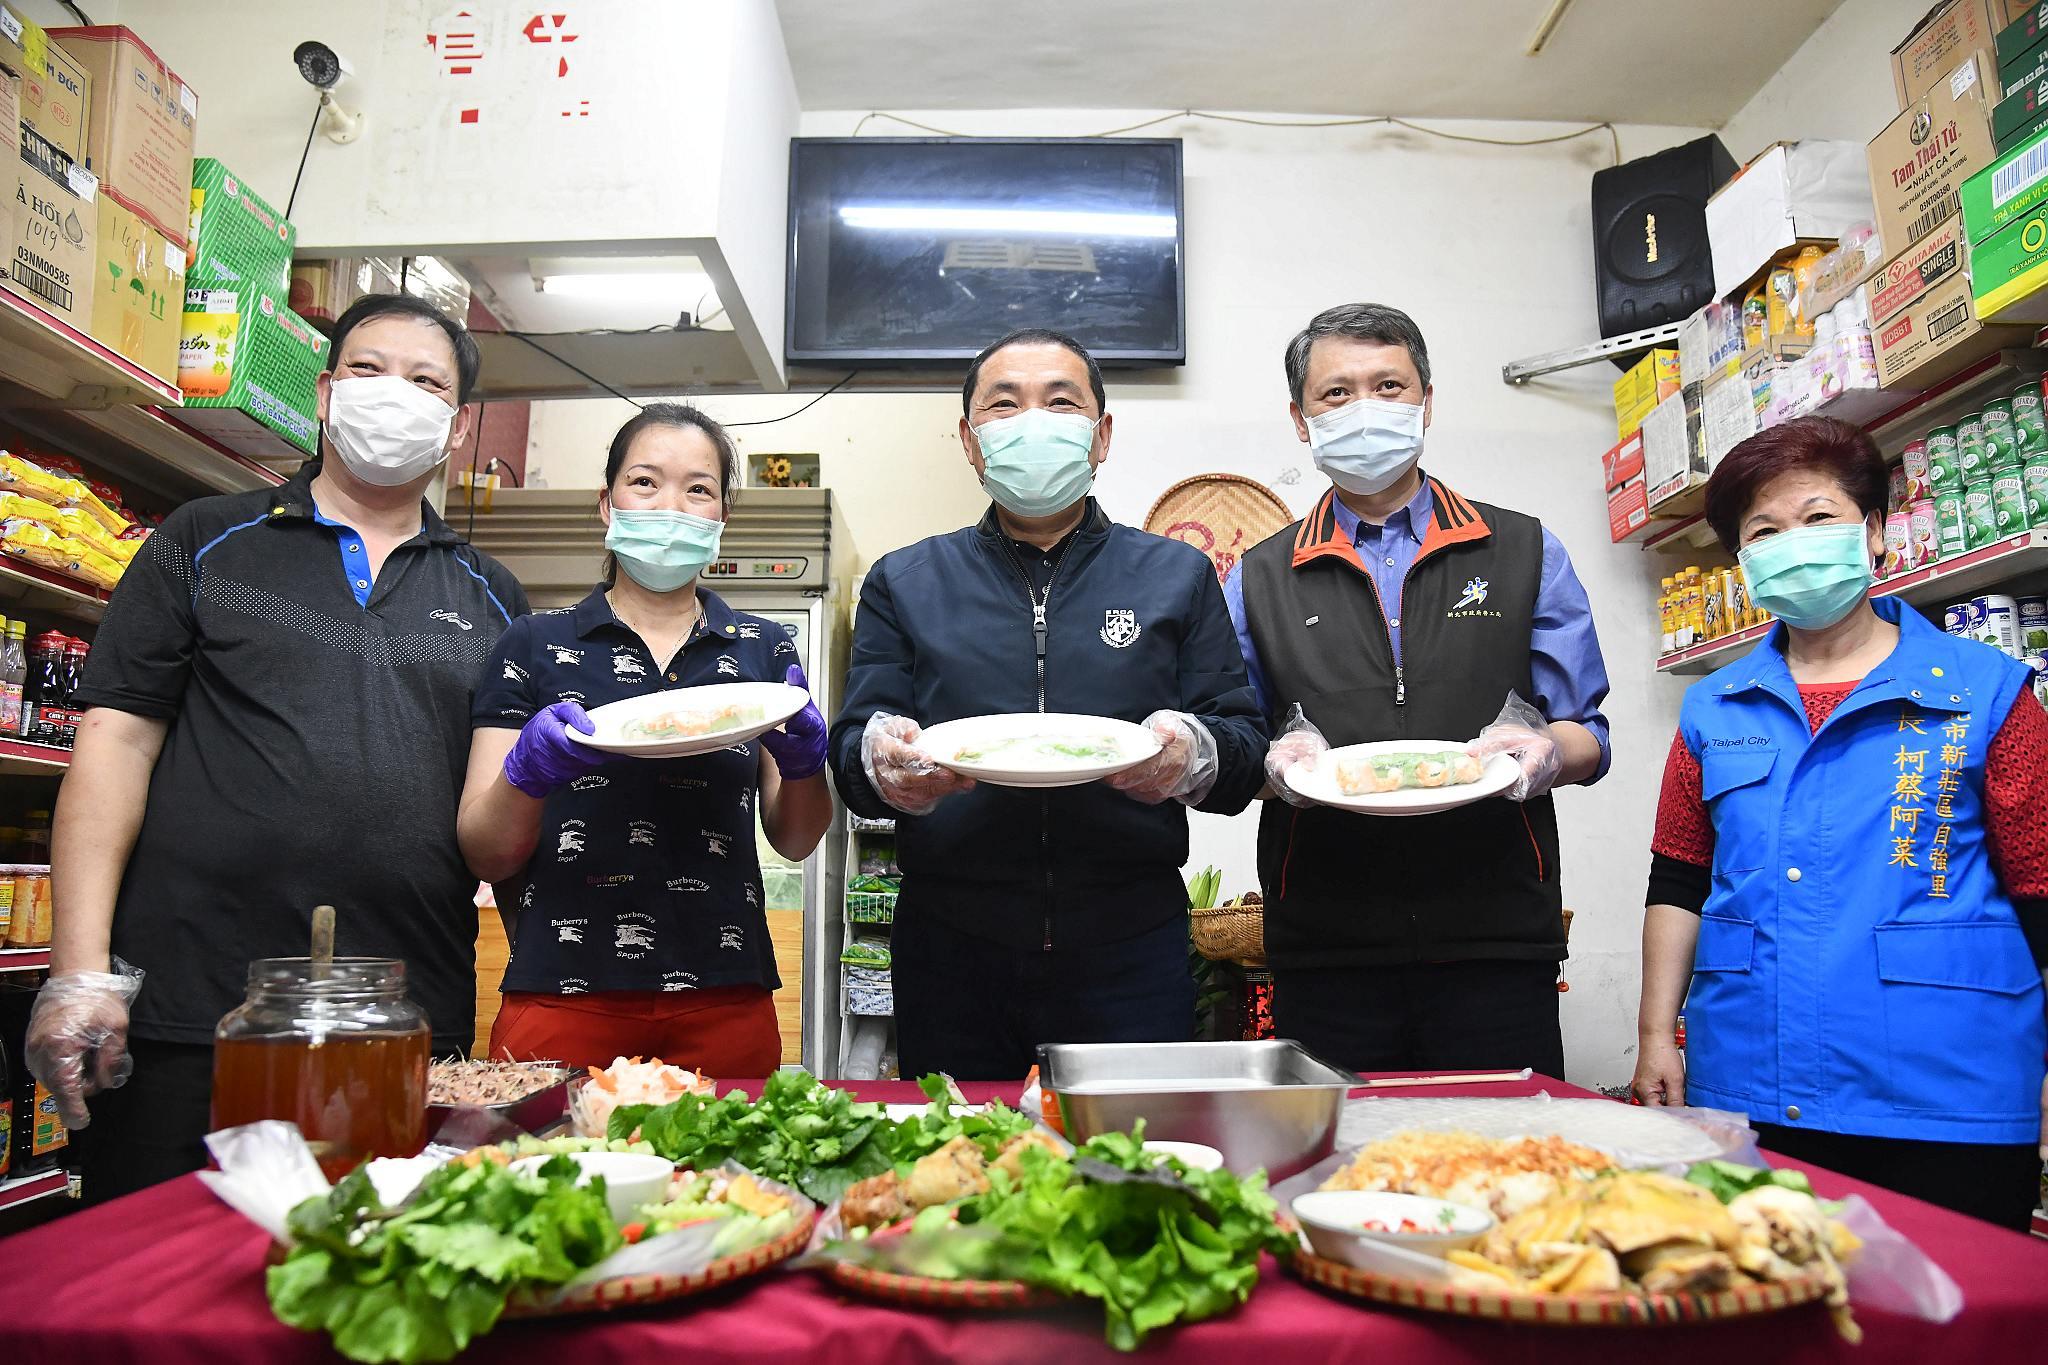 用溫暖的雙手煮出道地越南家鄉菜解新住民思鄉苦